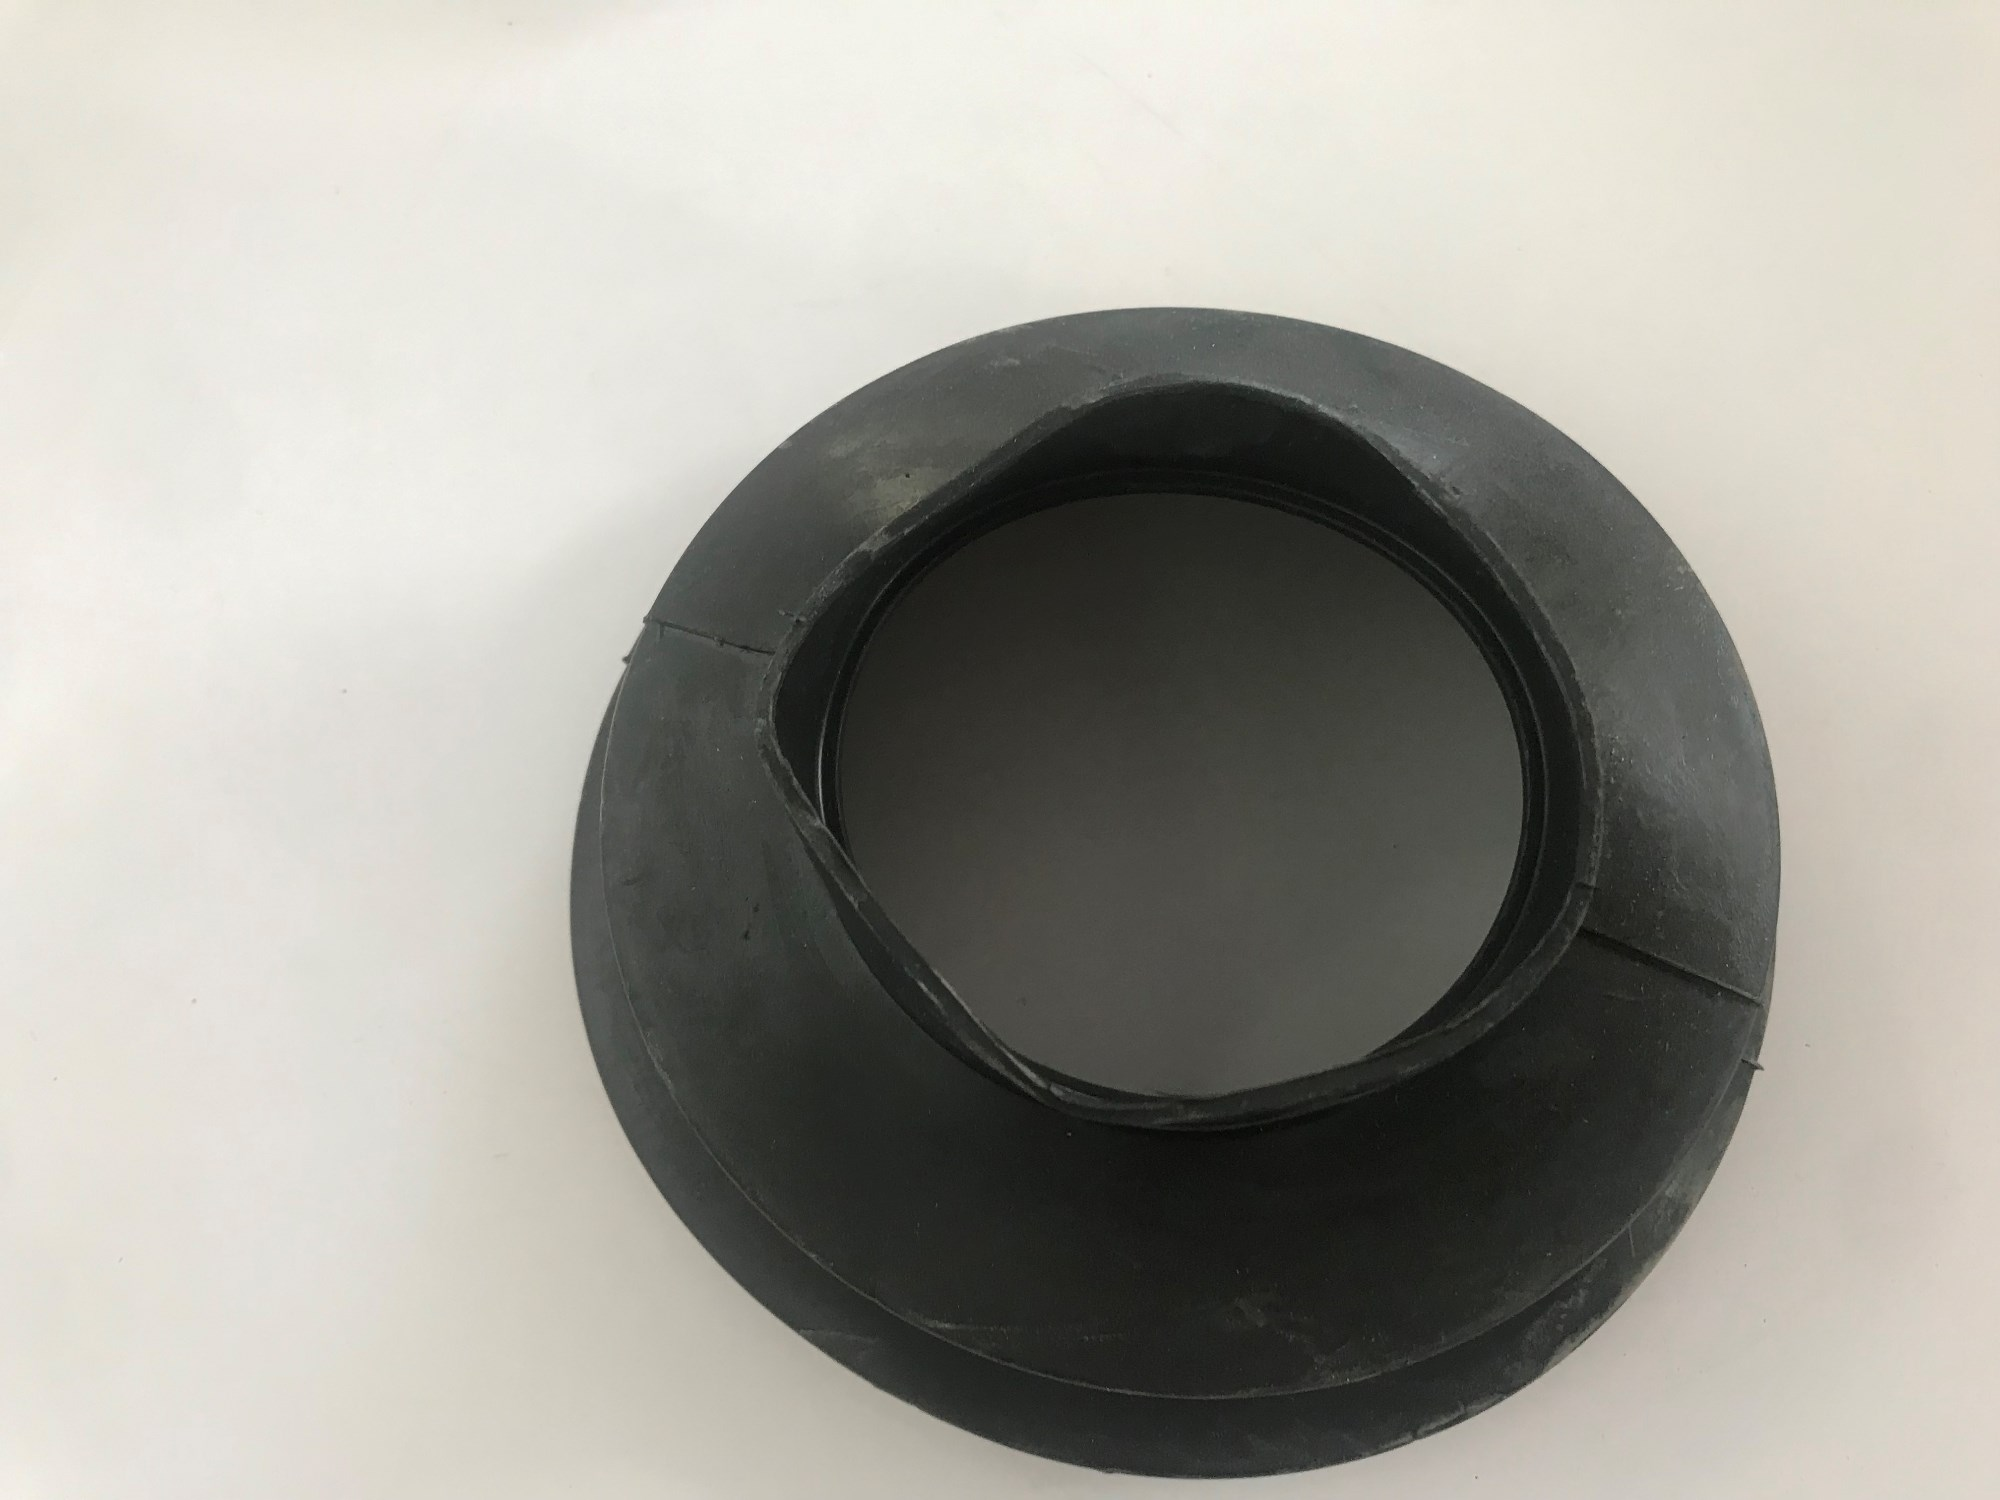 155mm*65mm Shorter Waterproof Rubber Case Manufacturers, 155mm*65mm Shorter Waterproof Rubber Case Factory, Supply 155mm*65mm Shorter Waterproof Rubber Case